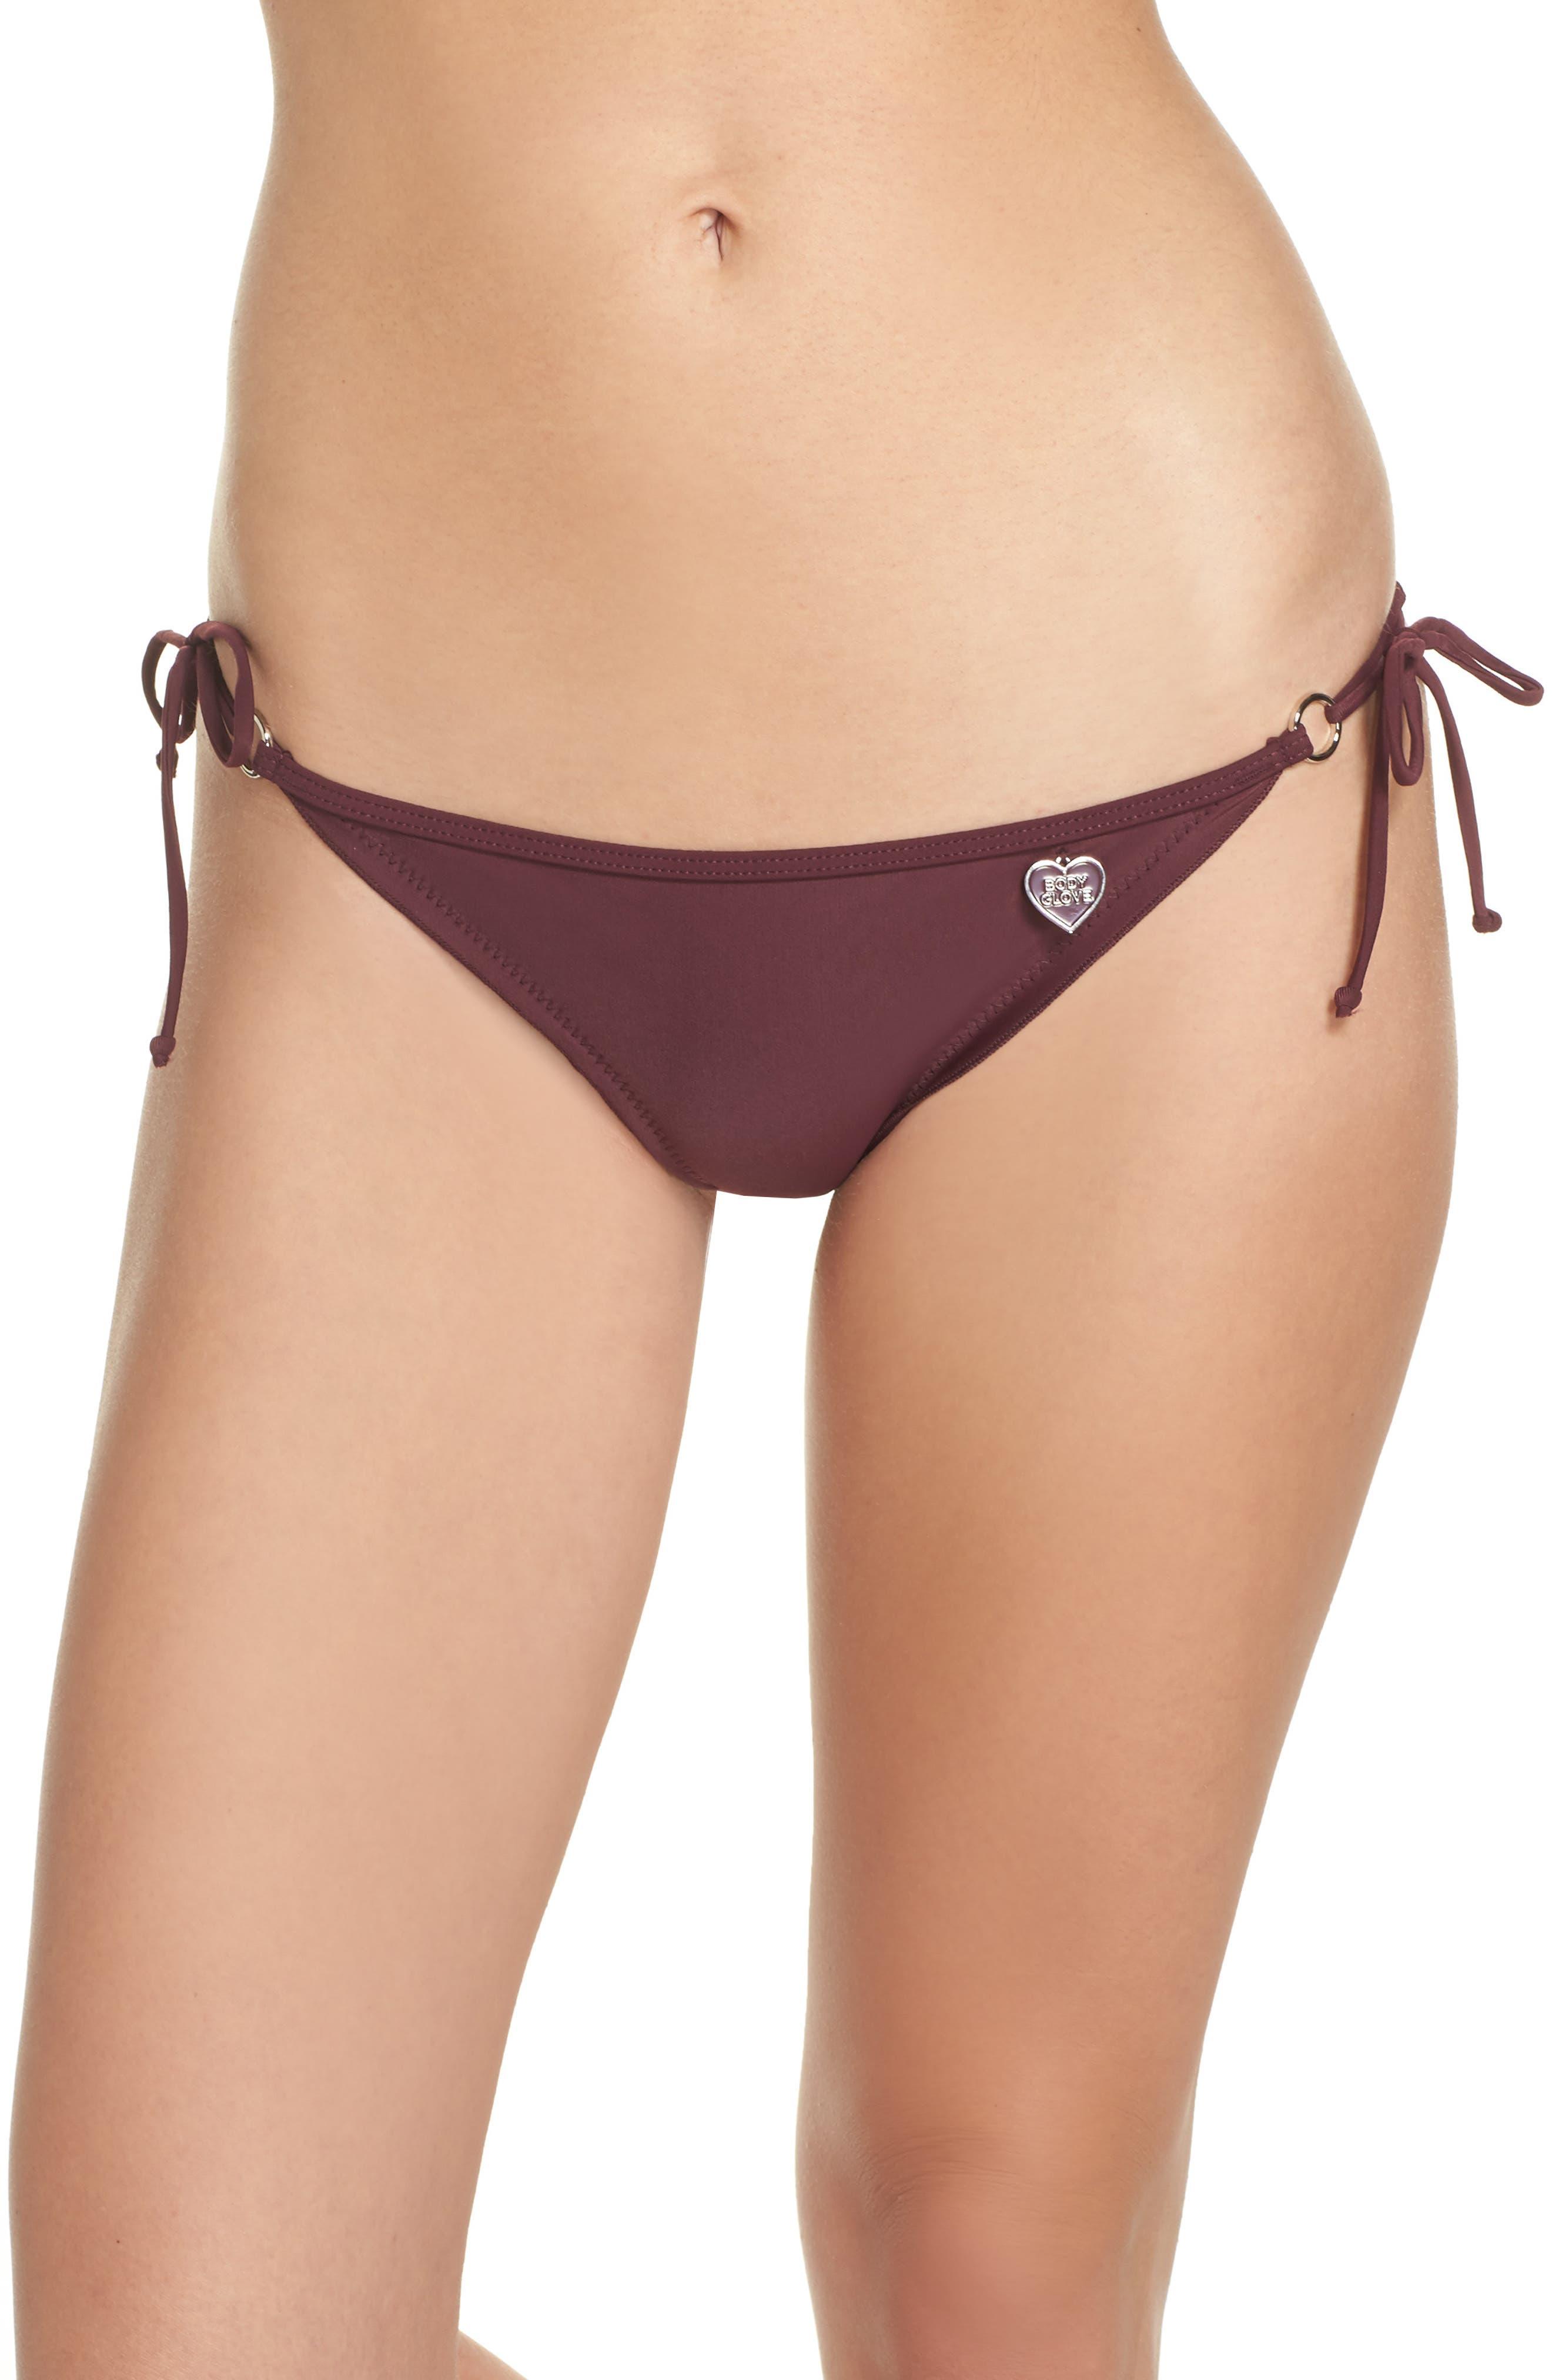 'Smoothies - Brasilia' Side Tie Bikini Bottoms,                             Main thumbnail 1, color,                             203